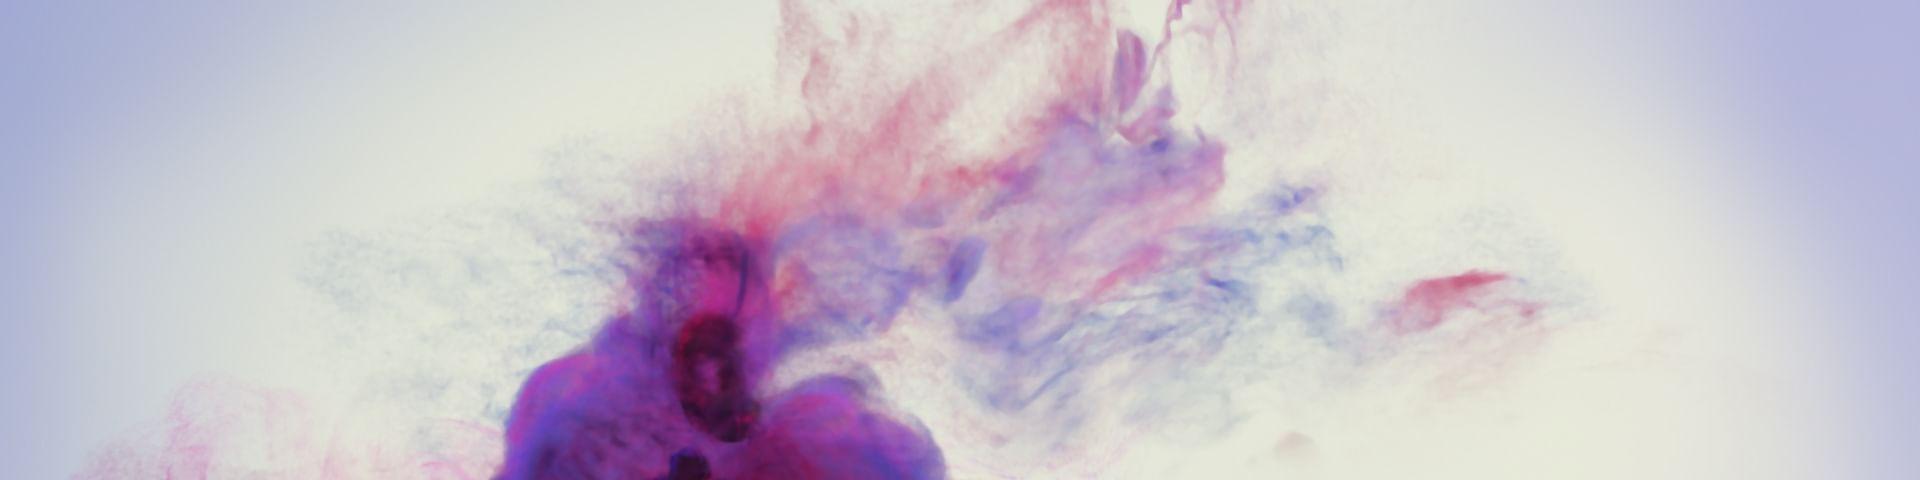 Blow up - C'est quoi Nicole Kidman ?